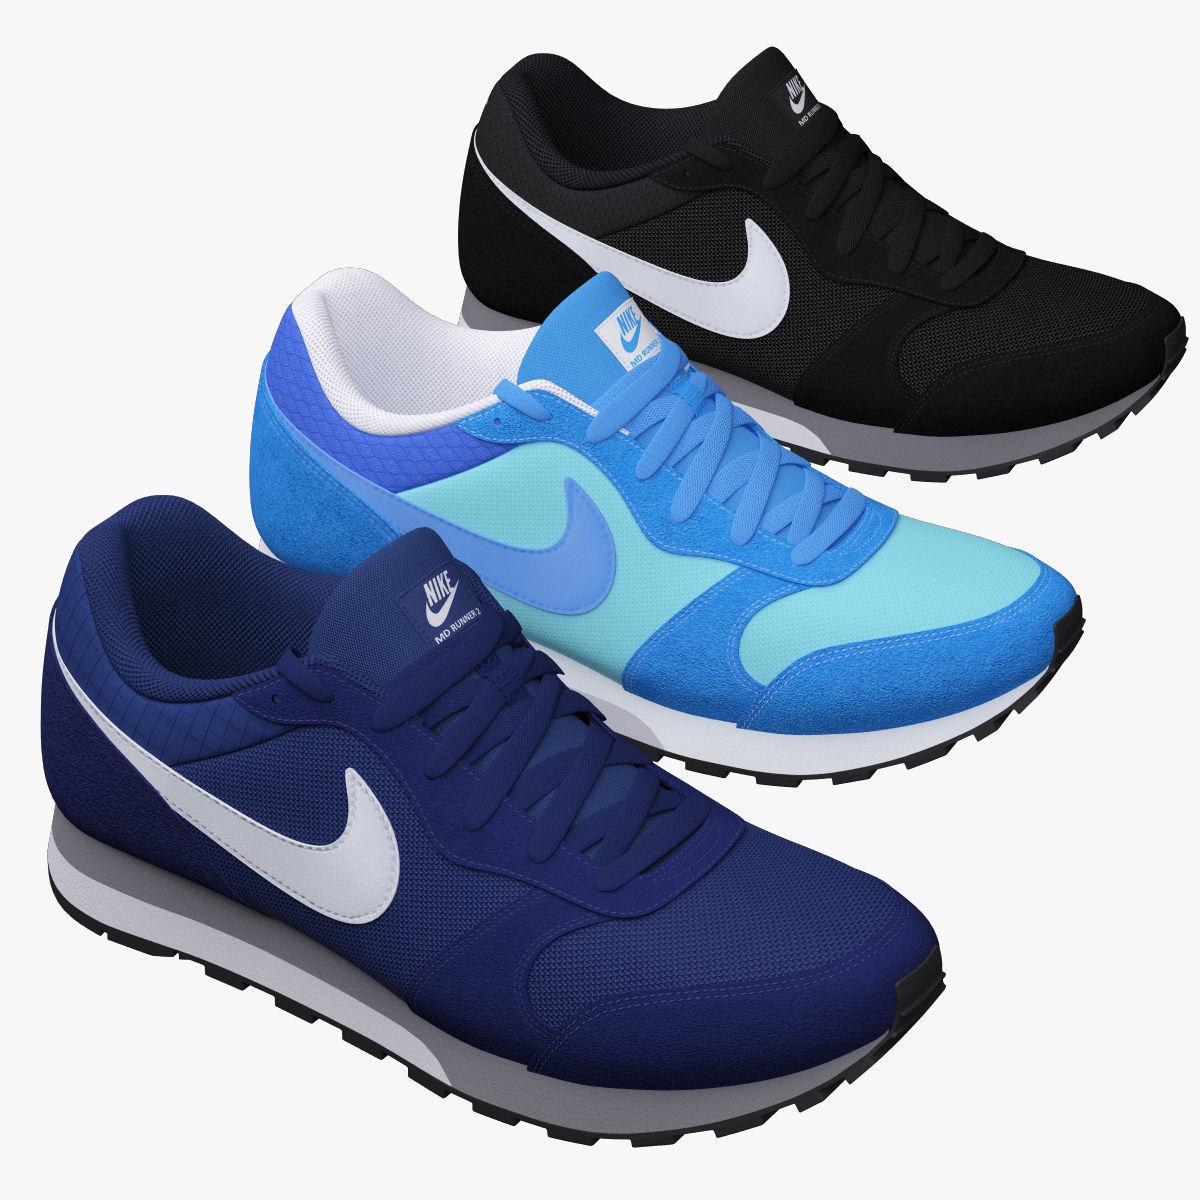 3D Nike MD Runner 2 | CGTrader